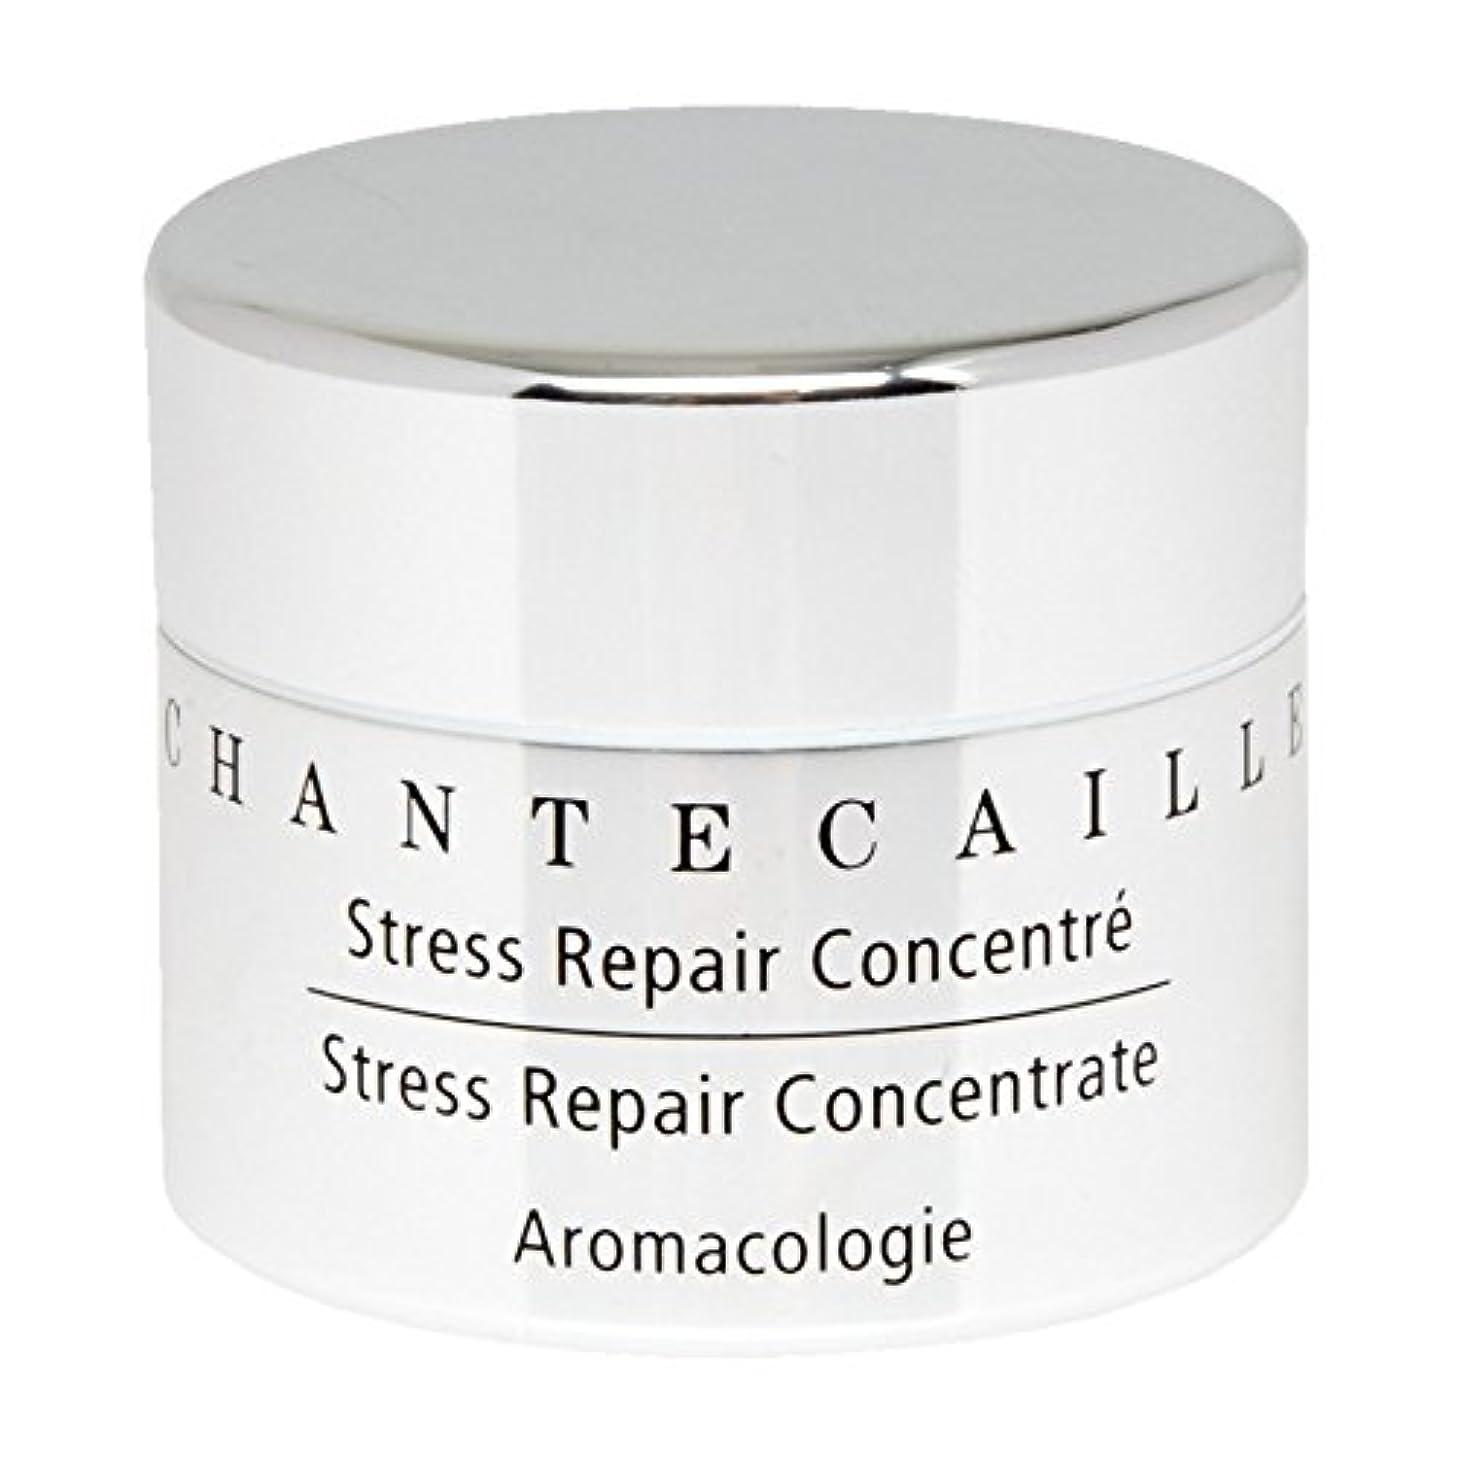 シートシェフ出席するシャンテカイユストレス修復濃縮15ミリリットル x4 - Chantecaille Stress Repair Concentrate 15ml (Pack of 4) [並行輸入品]